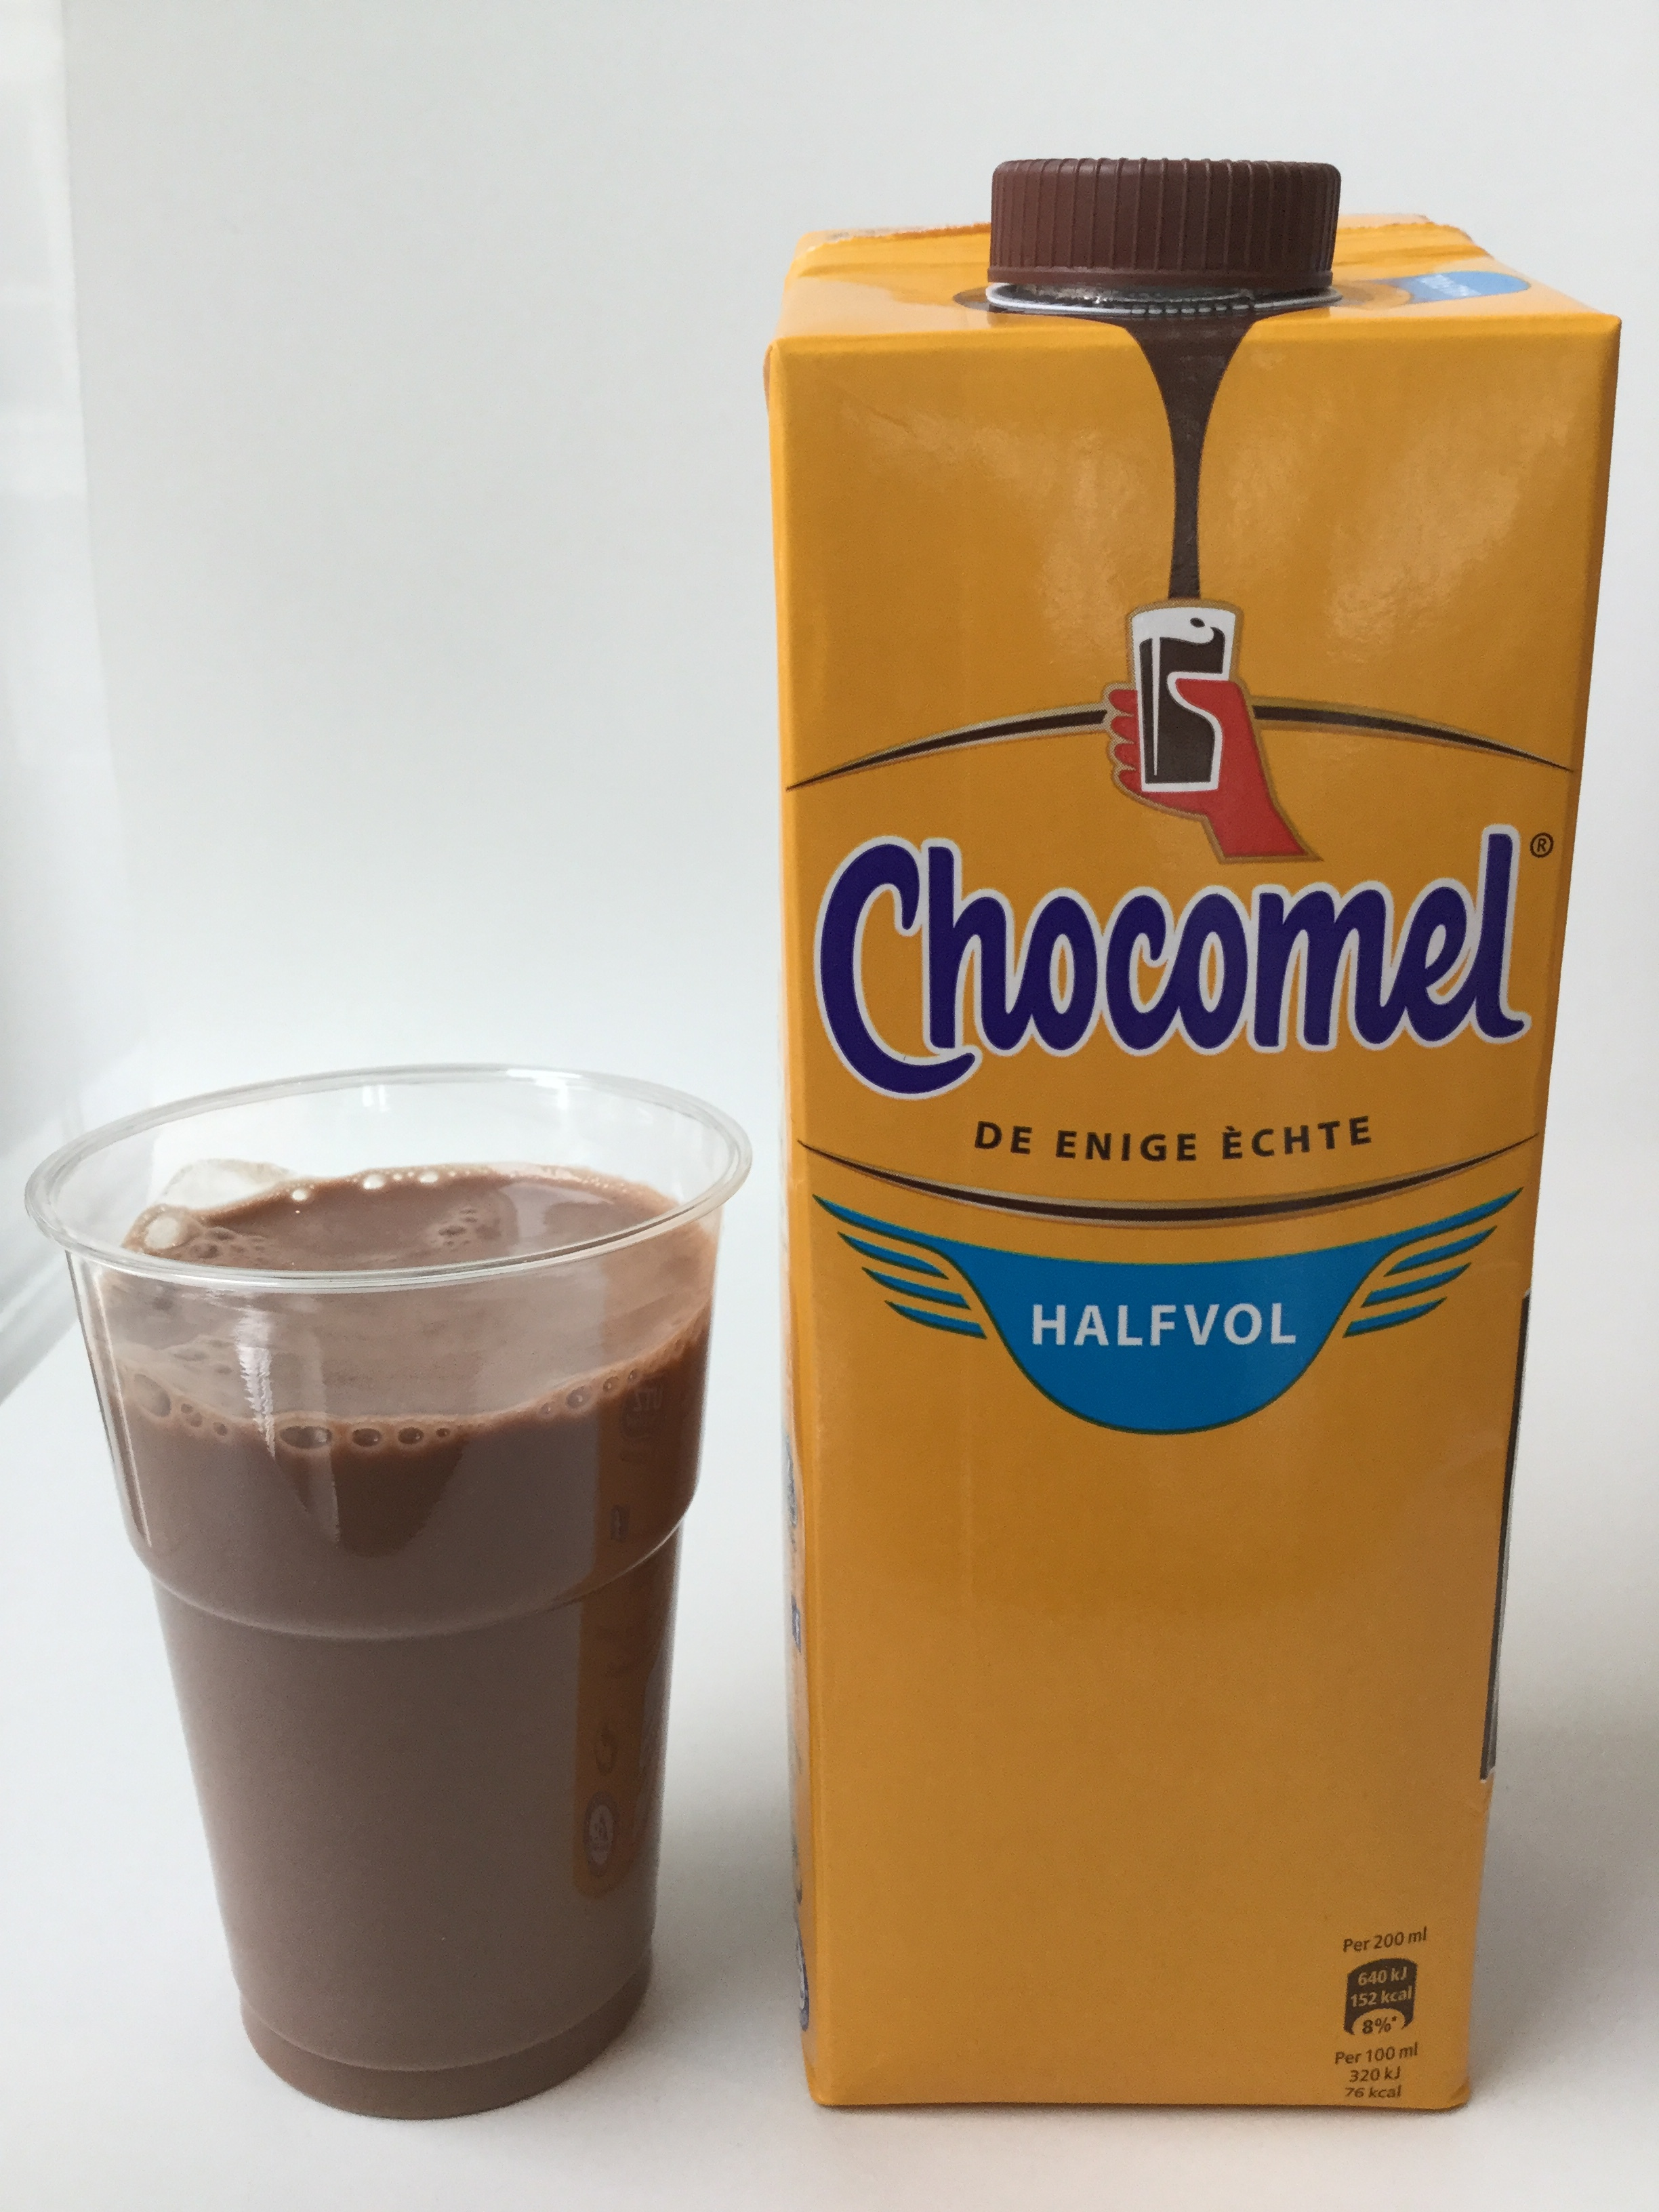 Chocomel Halfvol Cup